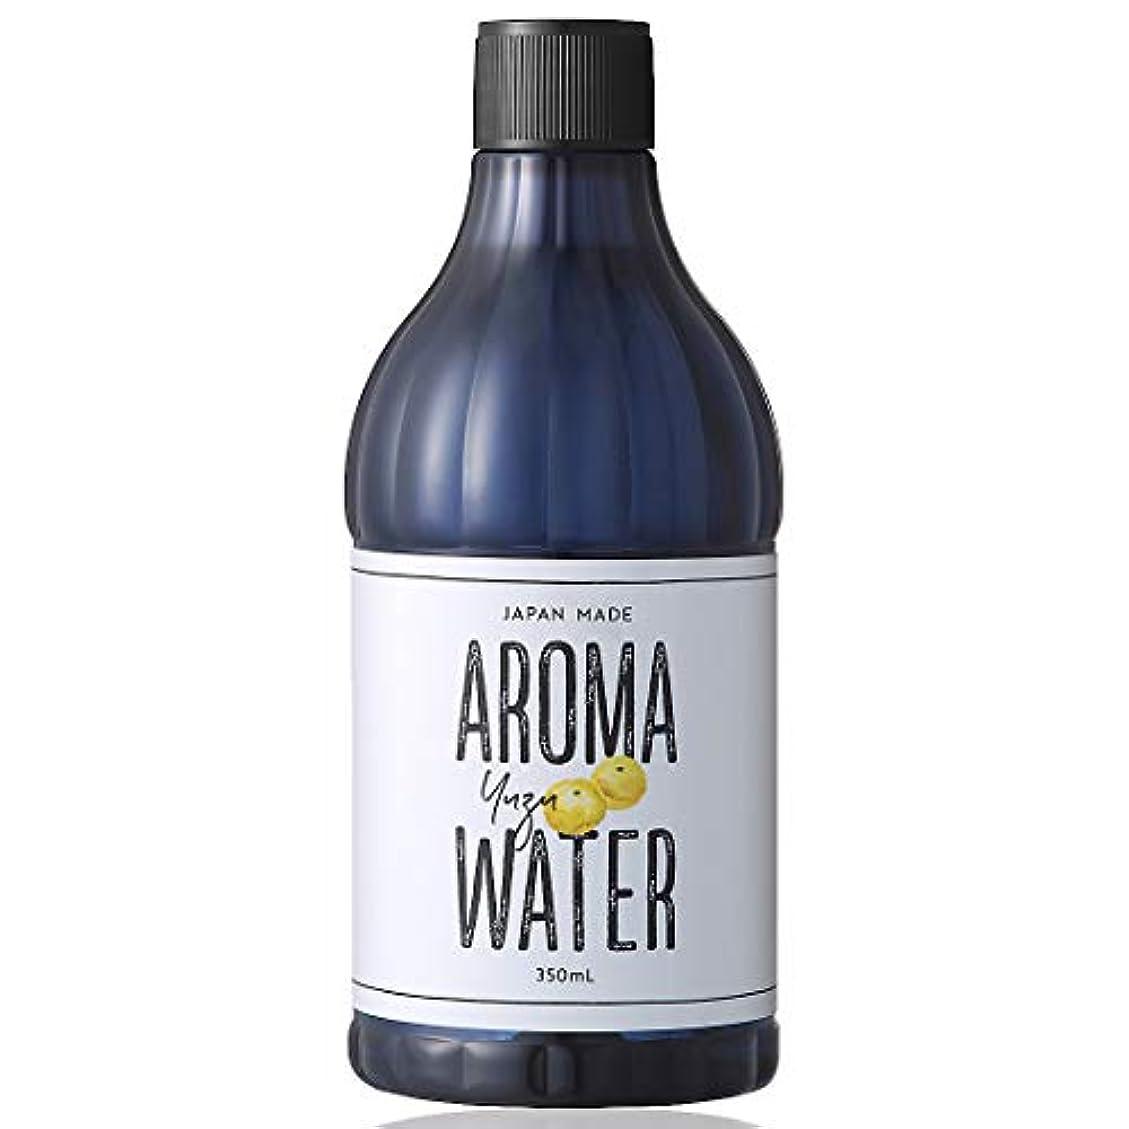 マット私達キャンベラデイリーアロマジャパン アロマウォーター 加湿器用 350ml 日本製 アロマ水 精油 配合 水溶性 アロマ - ユズ